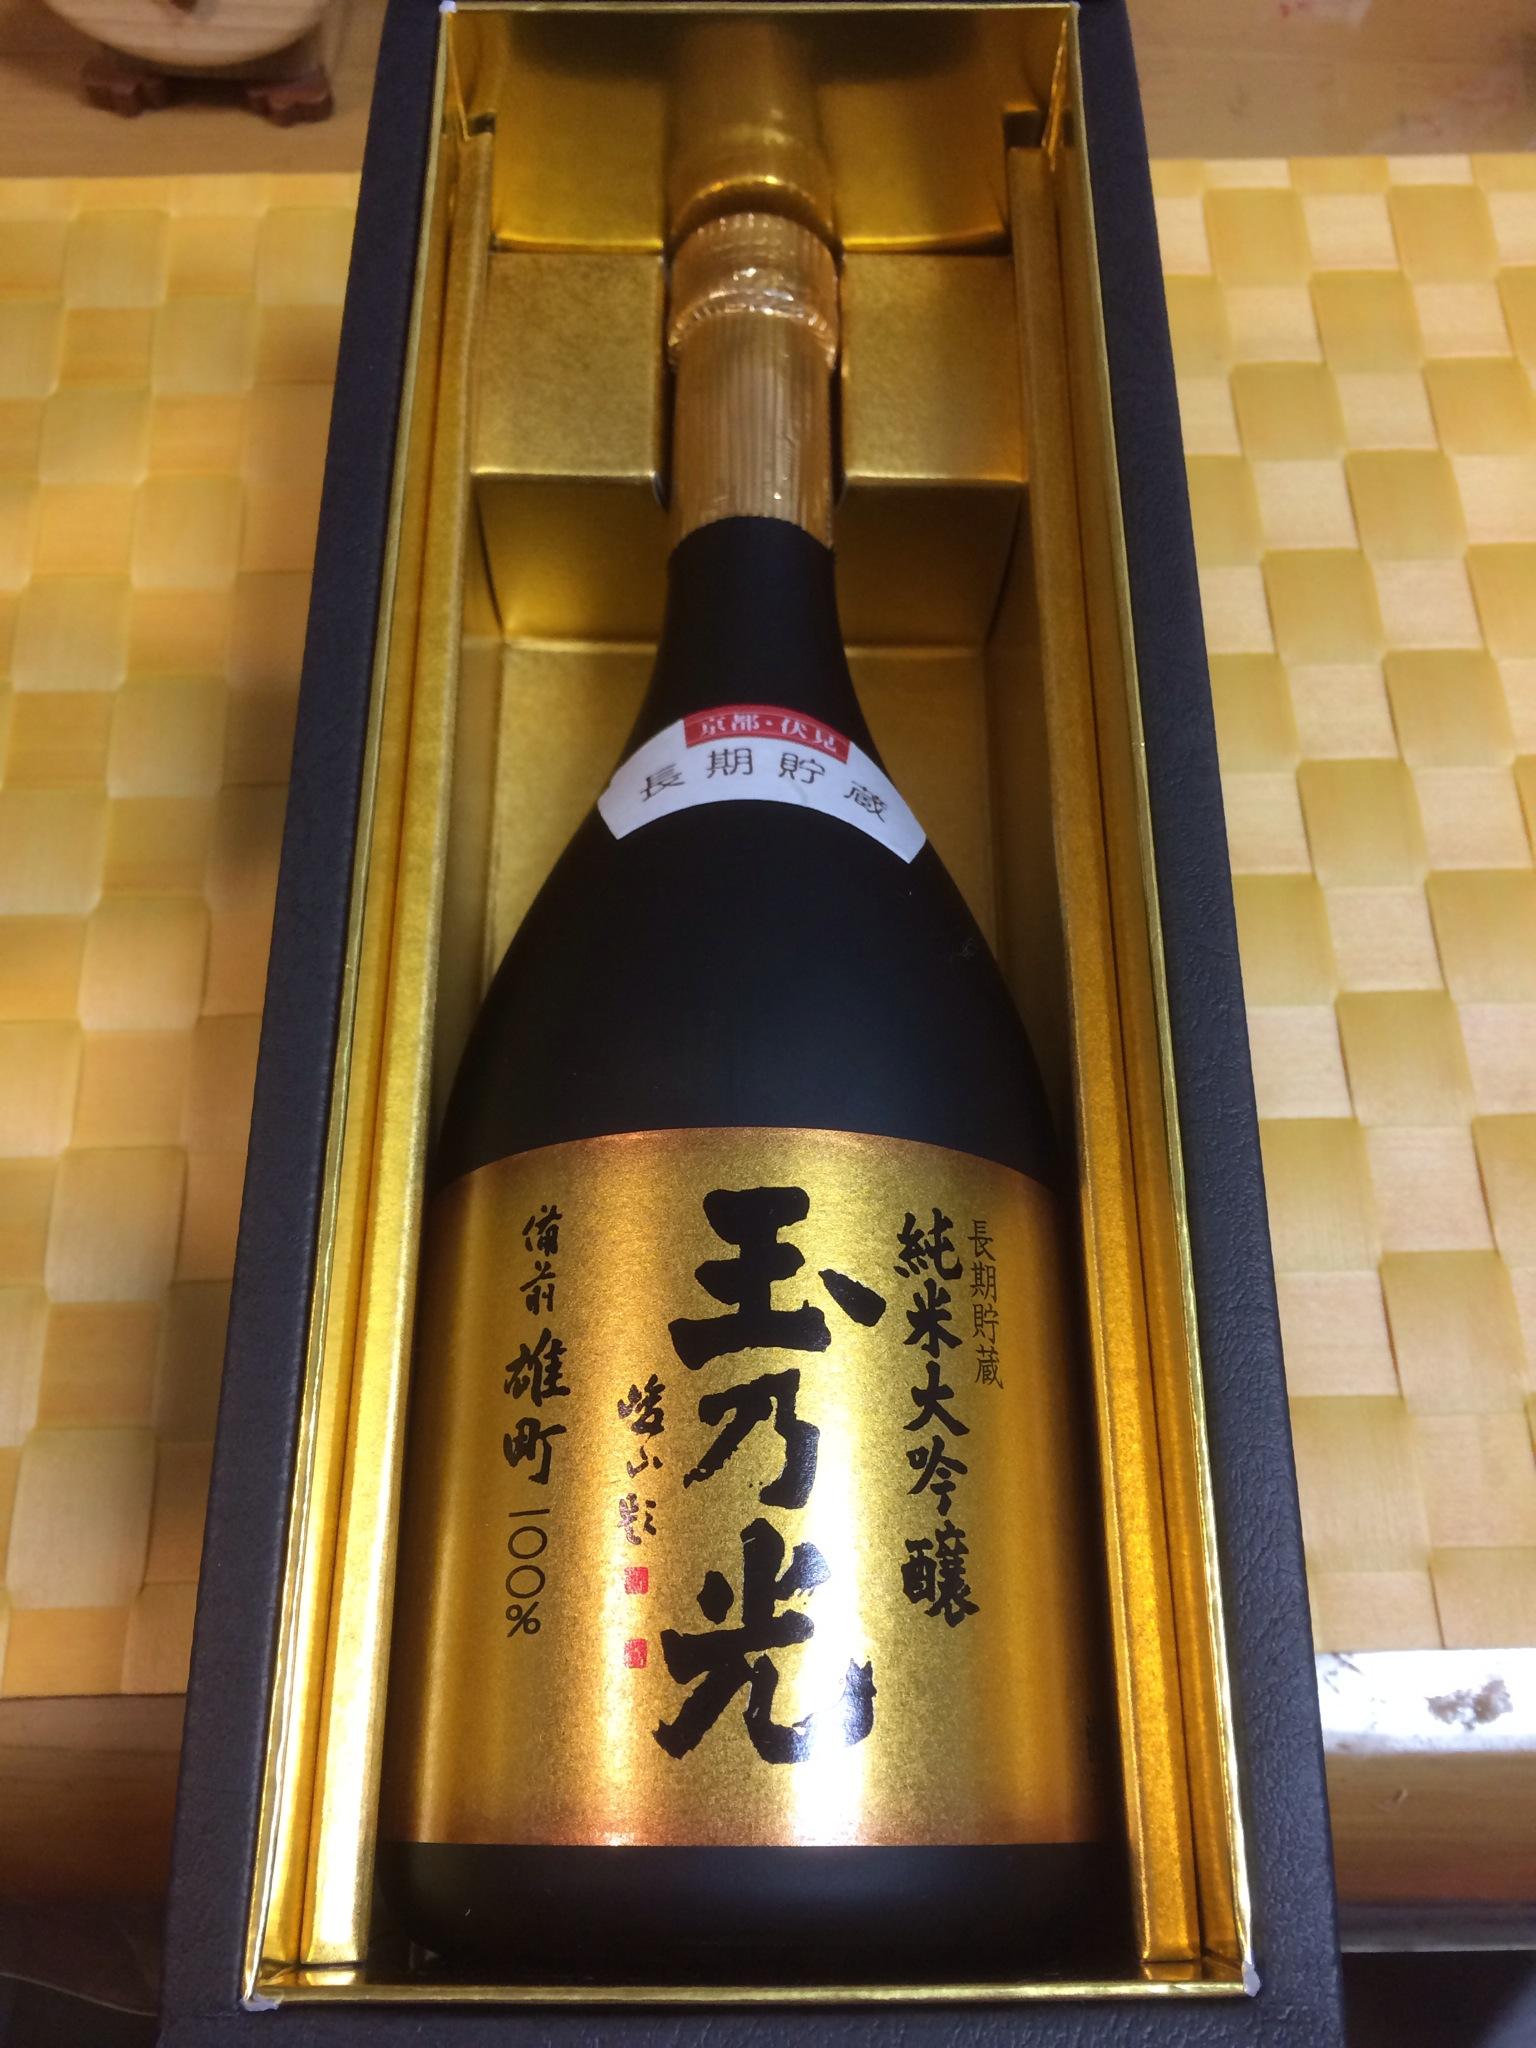 中学生の生徒からいただいた日本酒です!おいしくいただきました(*^_^*)